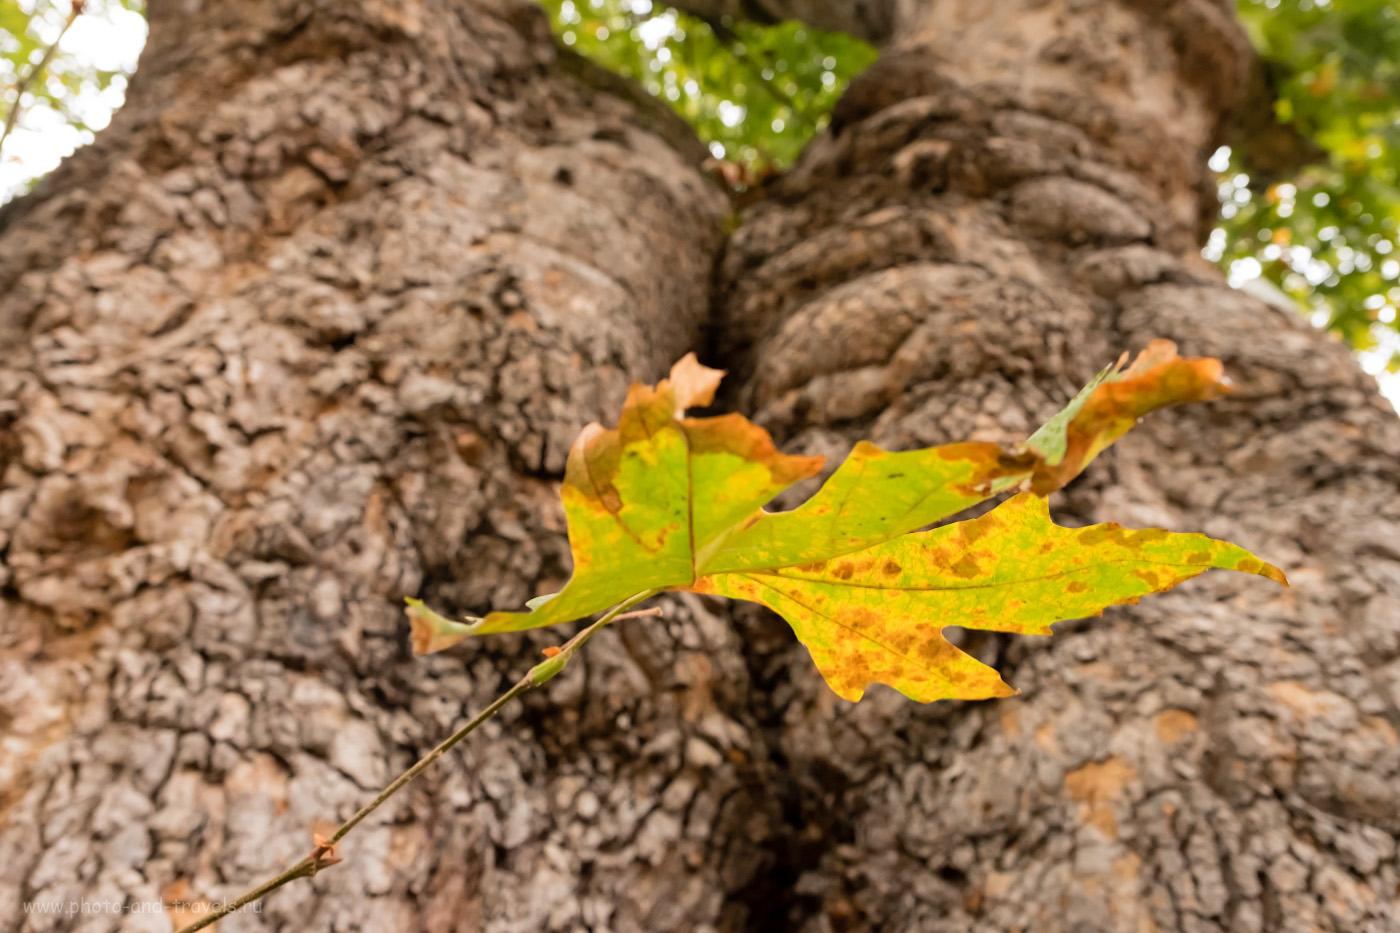 Фотография 21. Лист древнего дерева, которому 2500 лет. Самостоятельная экскурсия из Кемера. 1/15, 4.0, 3200, +0.33, 16.